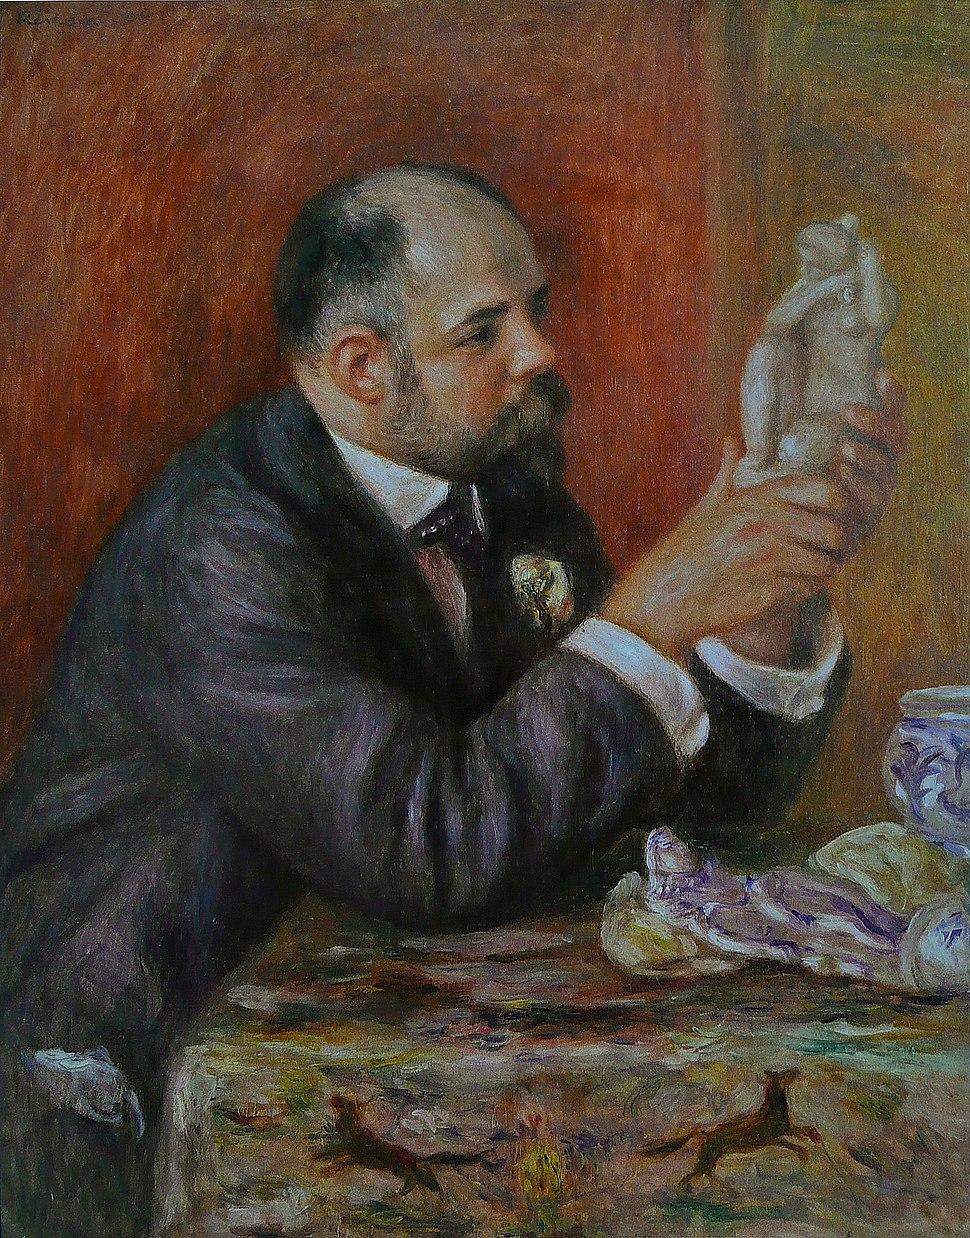 Pierre-Auguste Renoir - Ambroise Vollard